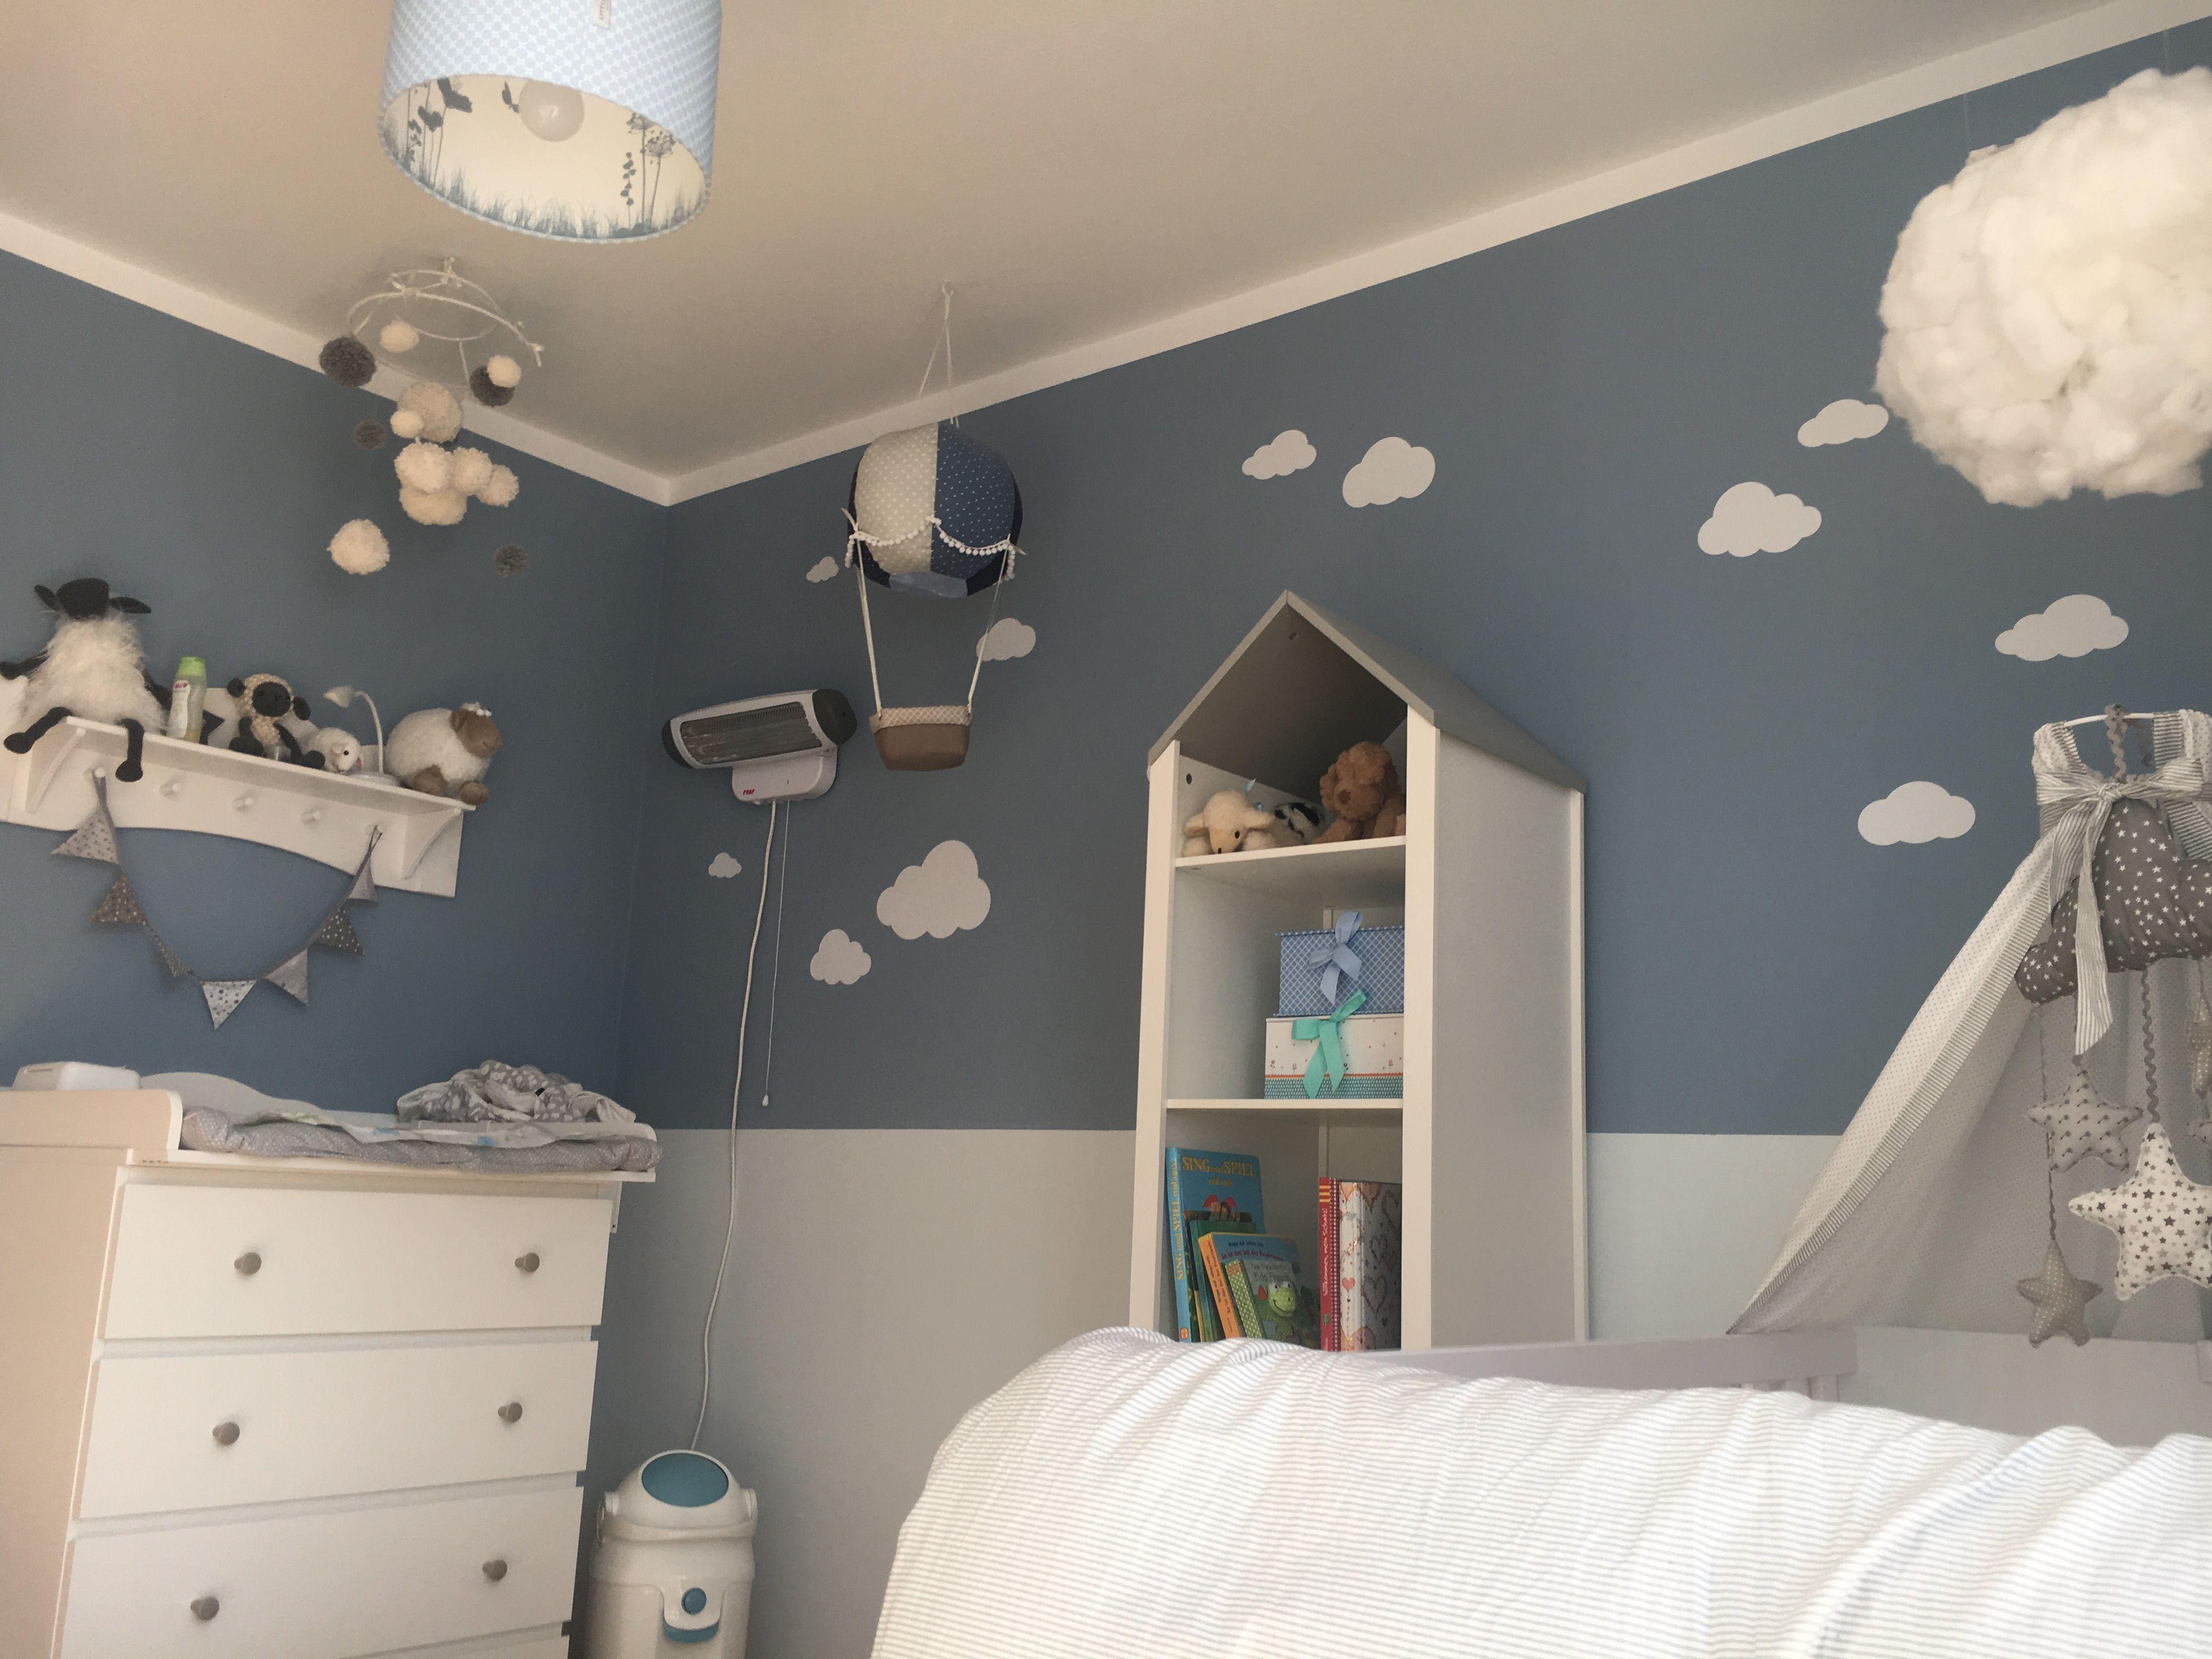 Kinderzimmer Vertbaudet ~ Vertbaudet verdunkelungsvorhang für kinderzimmer in grau